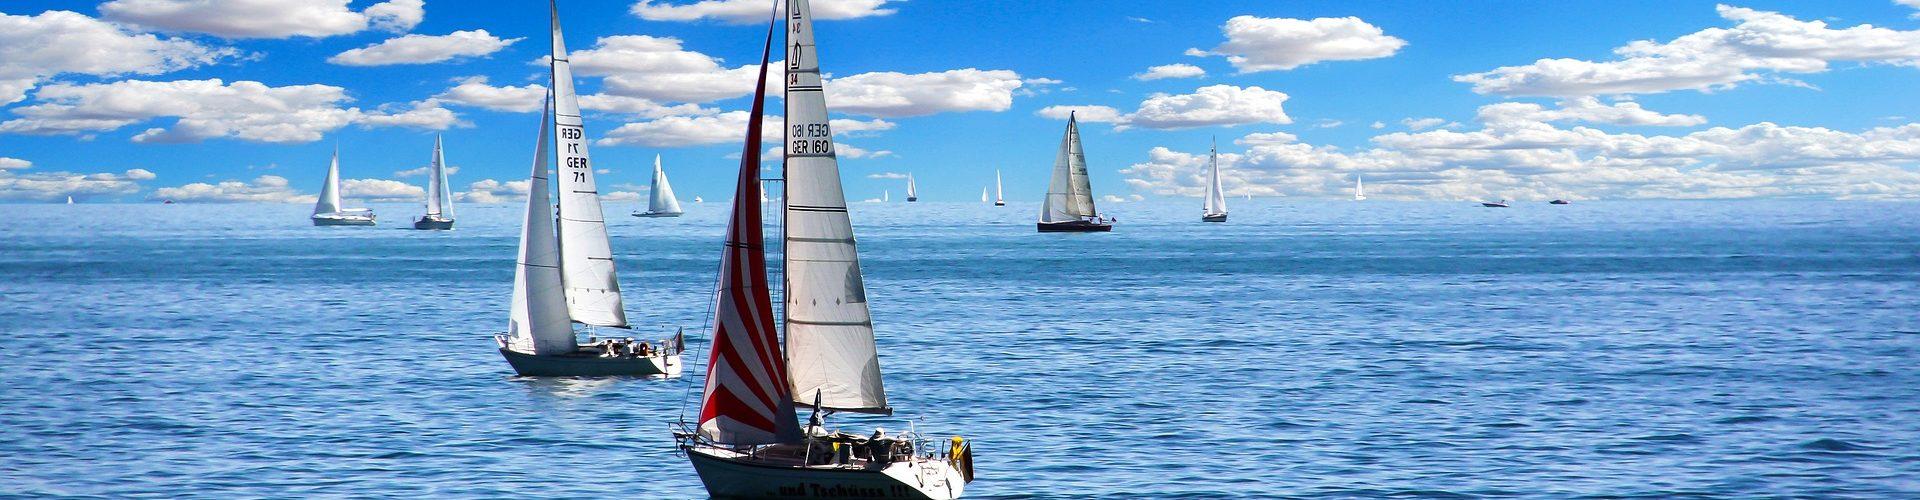 segeln lernen in Haltern am See segelschein machen in Haltern am See 1920x500 - Segeln lernen in Haltern am See